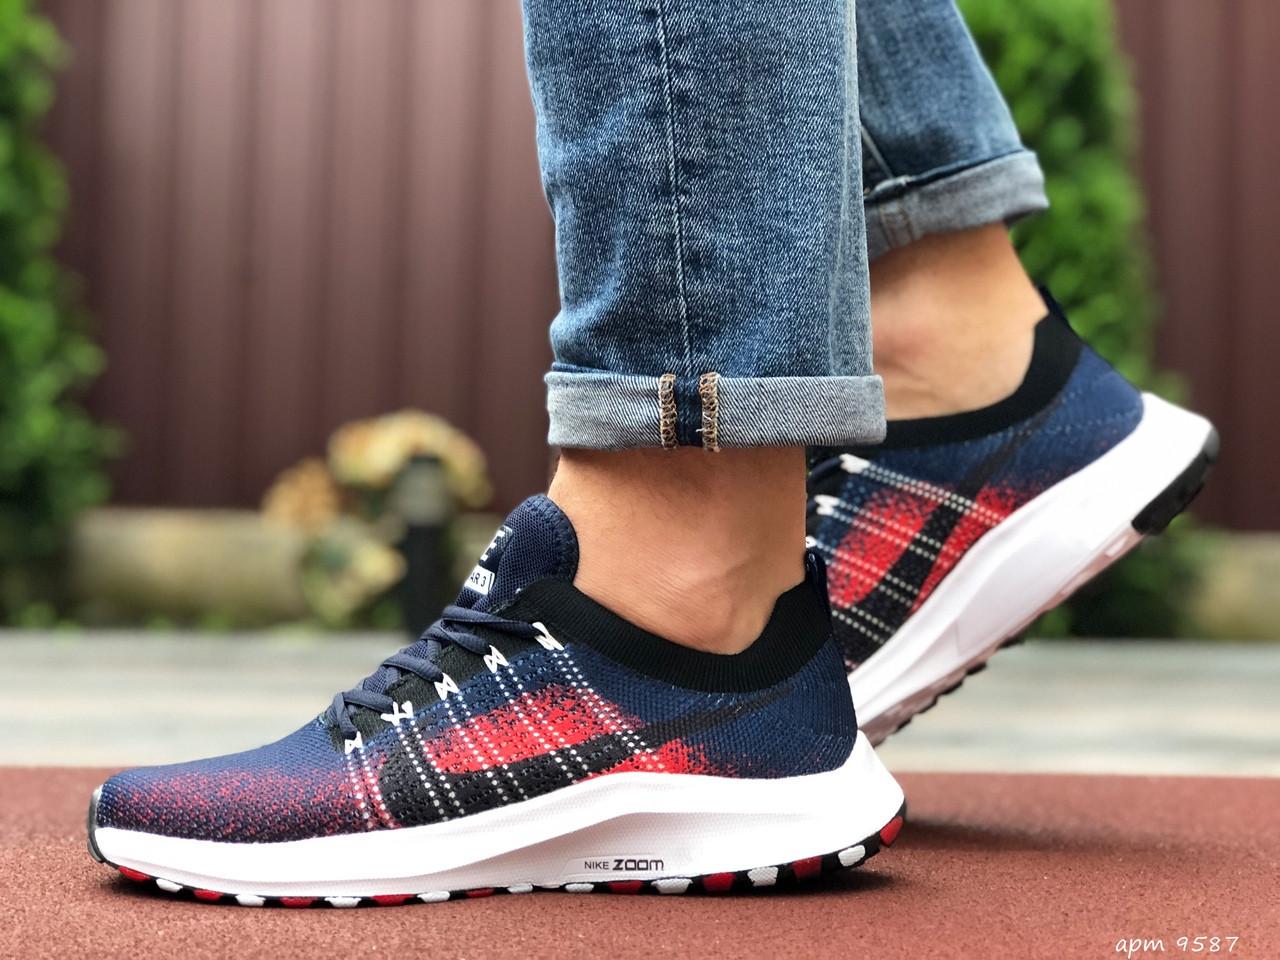 Чоловічі кросівки Nike Zoom (темно-сині з червоним і білим) 9587